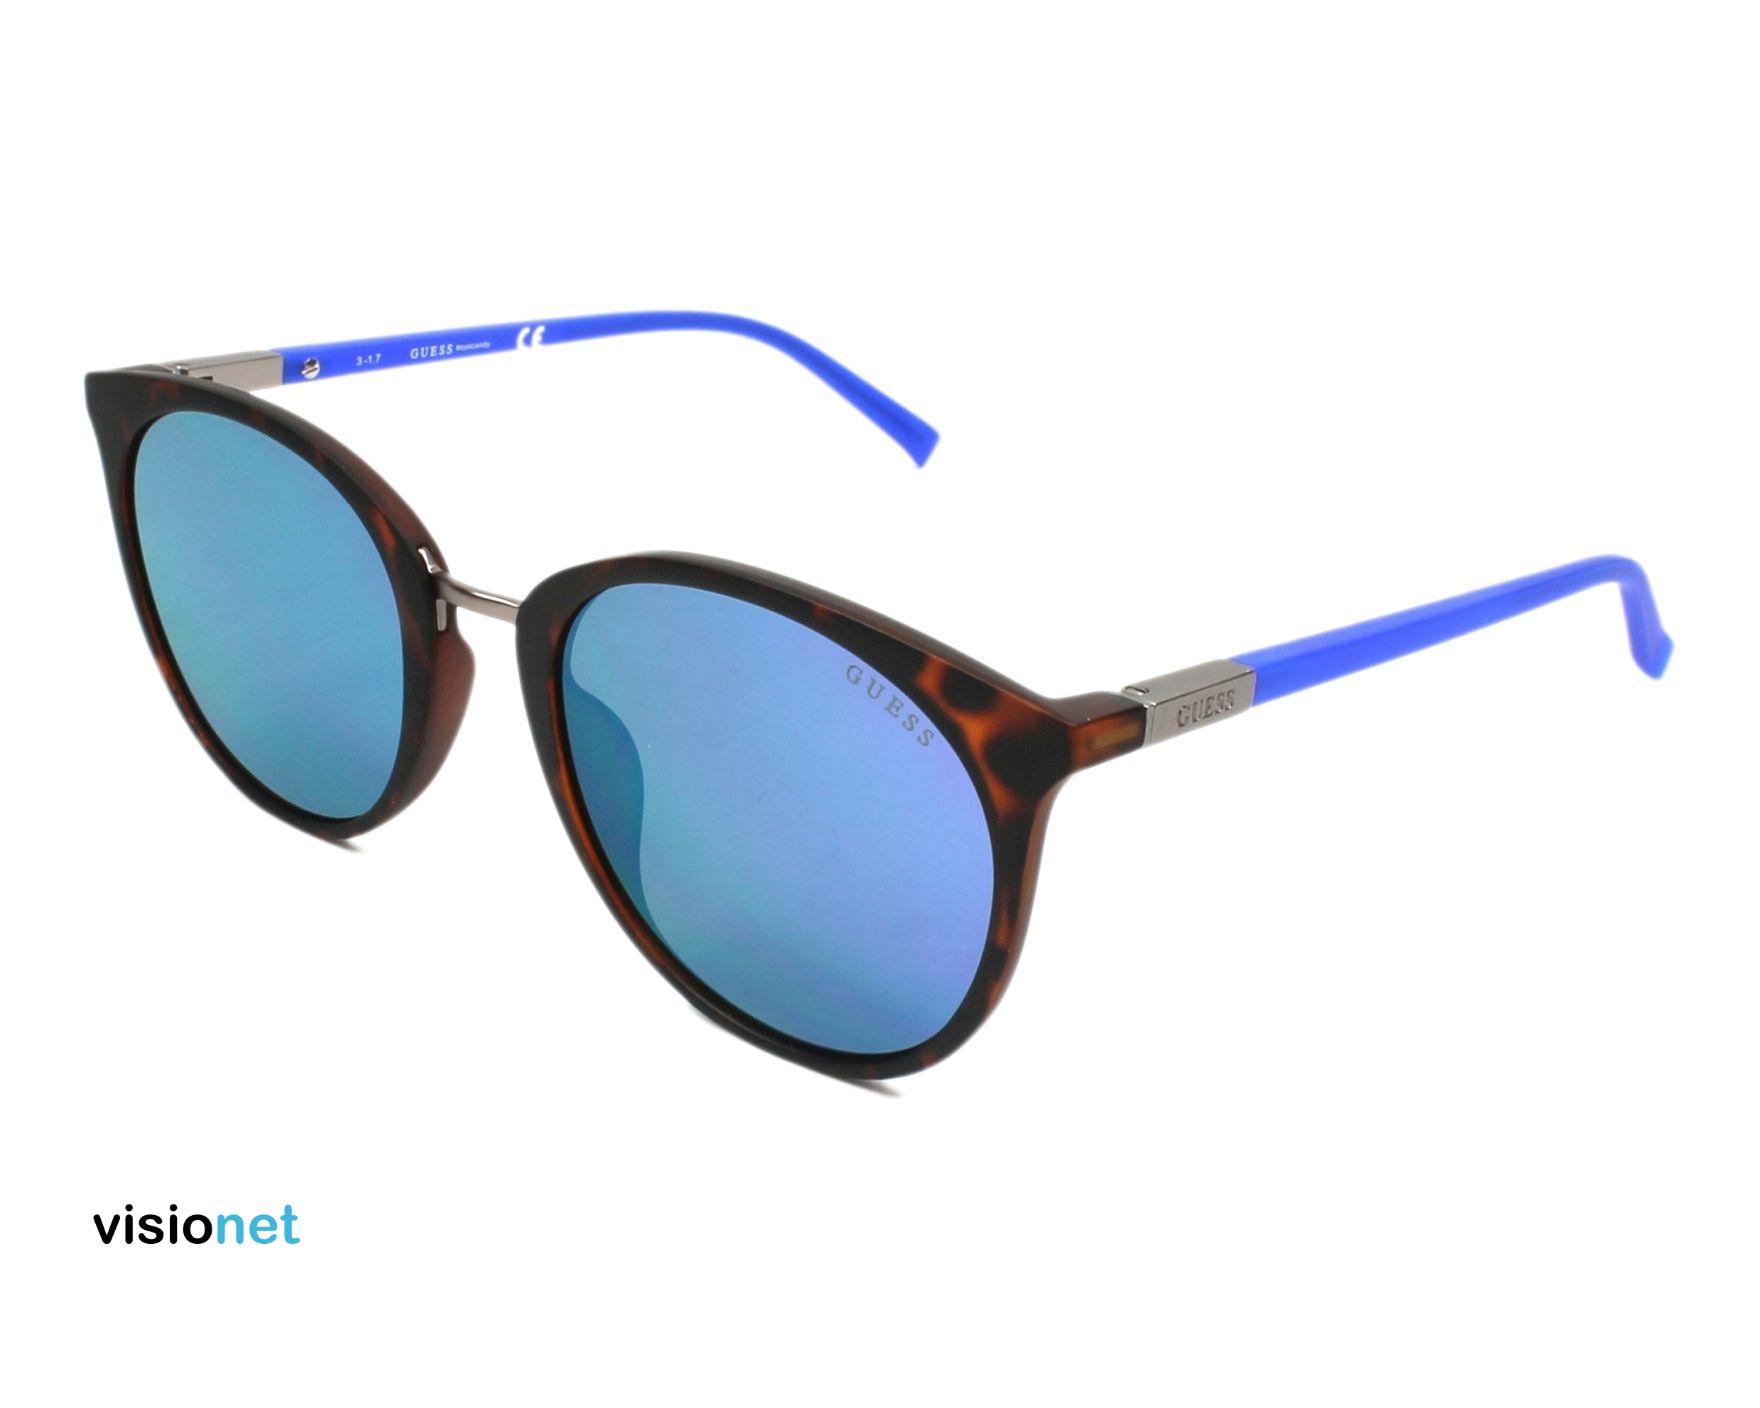 Lunettes de soleil Guess GU 3022 Plastique Havane mat - Bleu - 57 ... 8d25ff2fa583